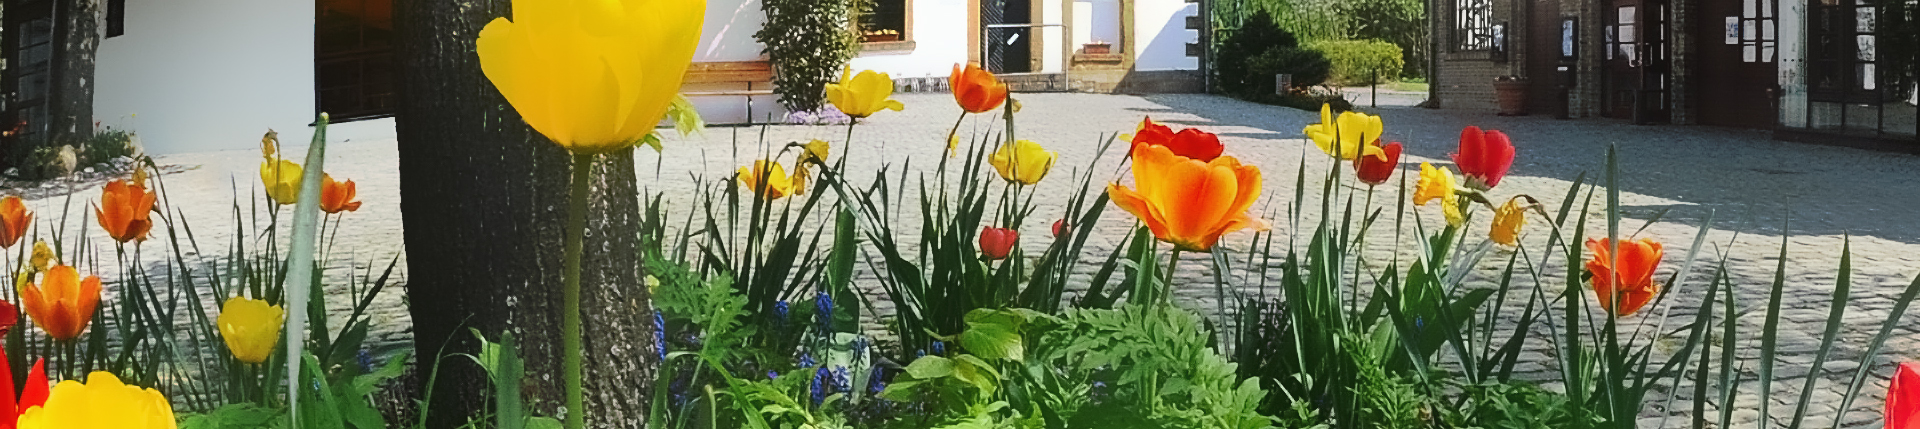 Tulpen am Bürgerzentrum